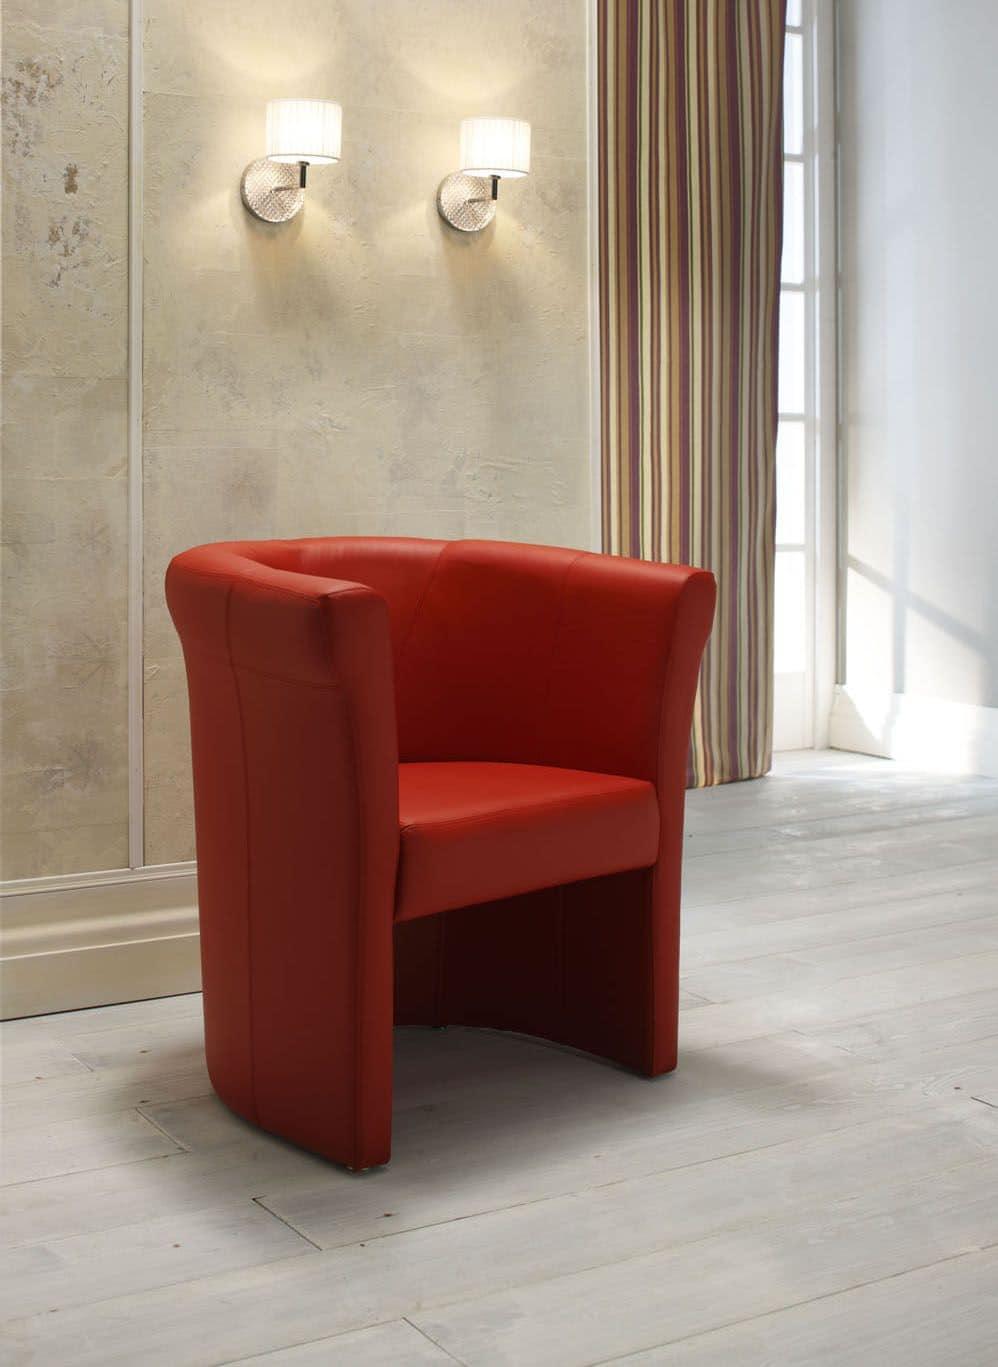 gepolsterte sessel mit lederbezug f r wartebereiche in verschiedenen farben erh ltlich idfdesign. Black Bedroom Furniture Sets. Home Design Ideas